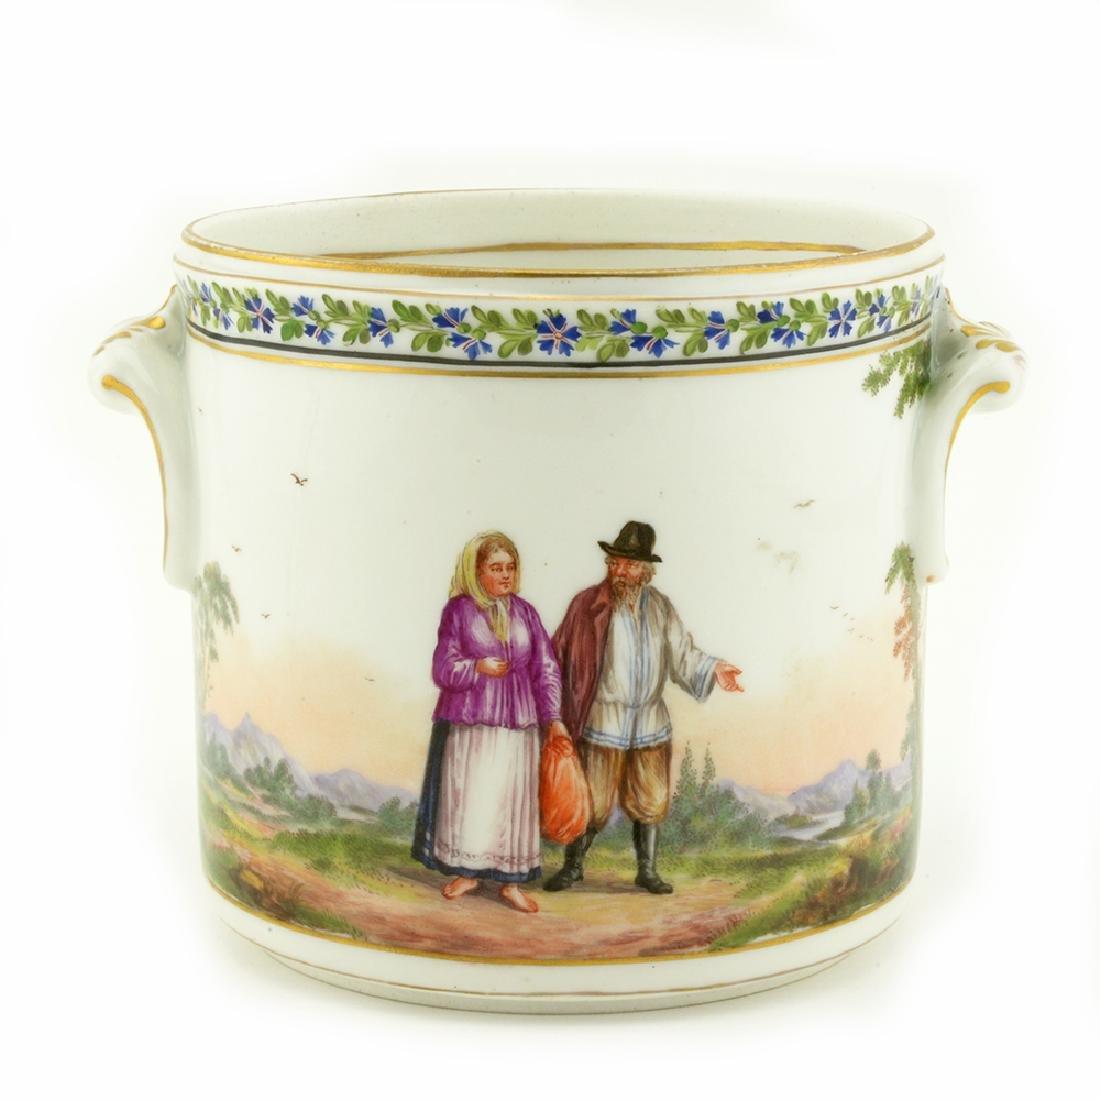 18thc. Russian porcelain cache pot